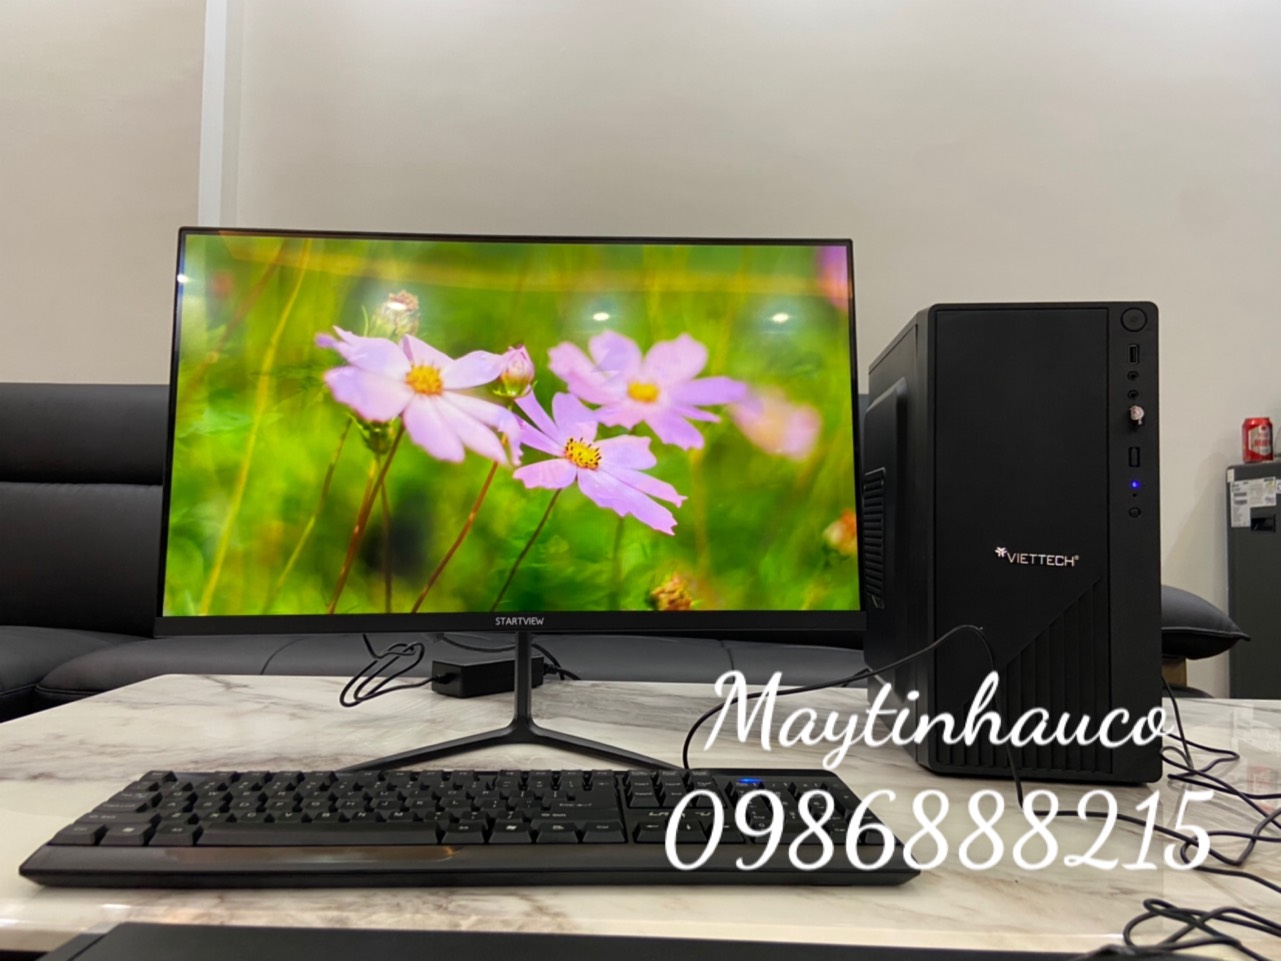 Máy tính để bàn Modell Viteck ( Core i5 - 4570(3.60 Ghz) / Ram 8Gb / SSD 120GB) Chuyên dùng cho Bán Hàng - Văn Phòng - Sinh Viên - Hàng Chính Hãng